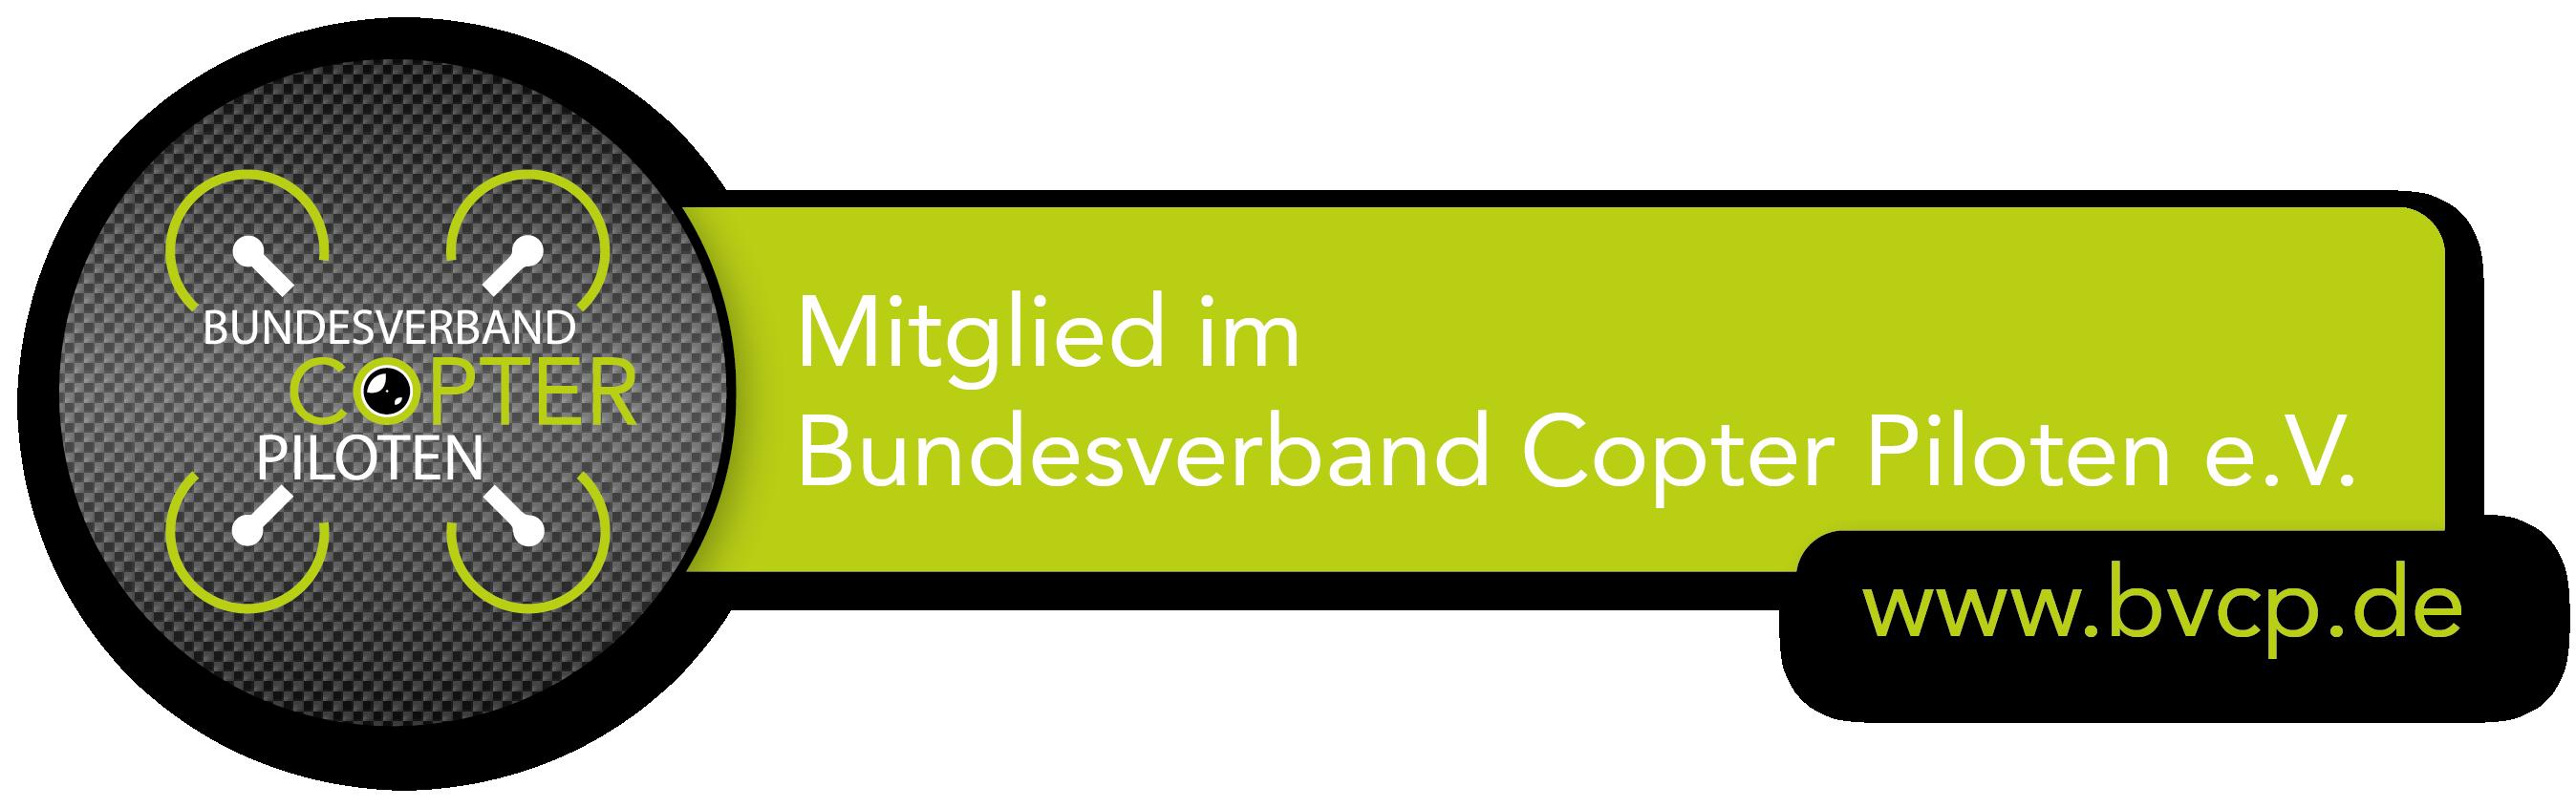 Mitglied im Bundesverband Copter Piloten e.V.